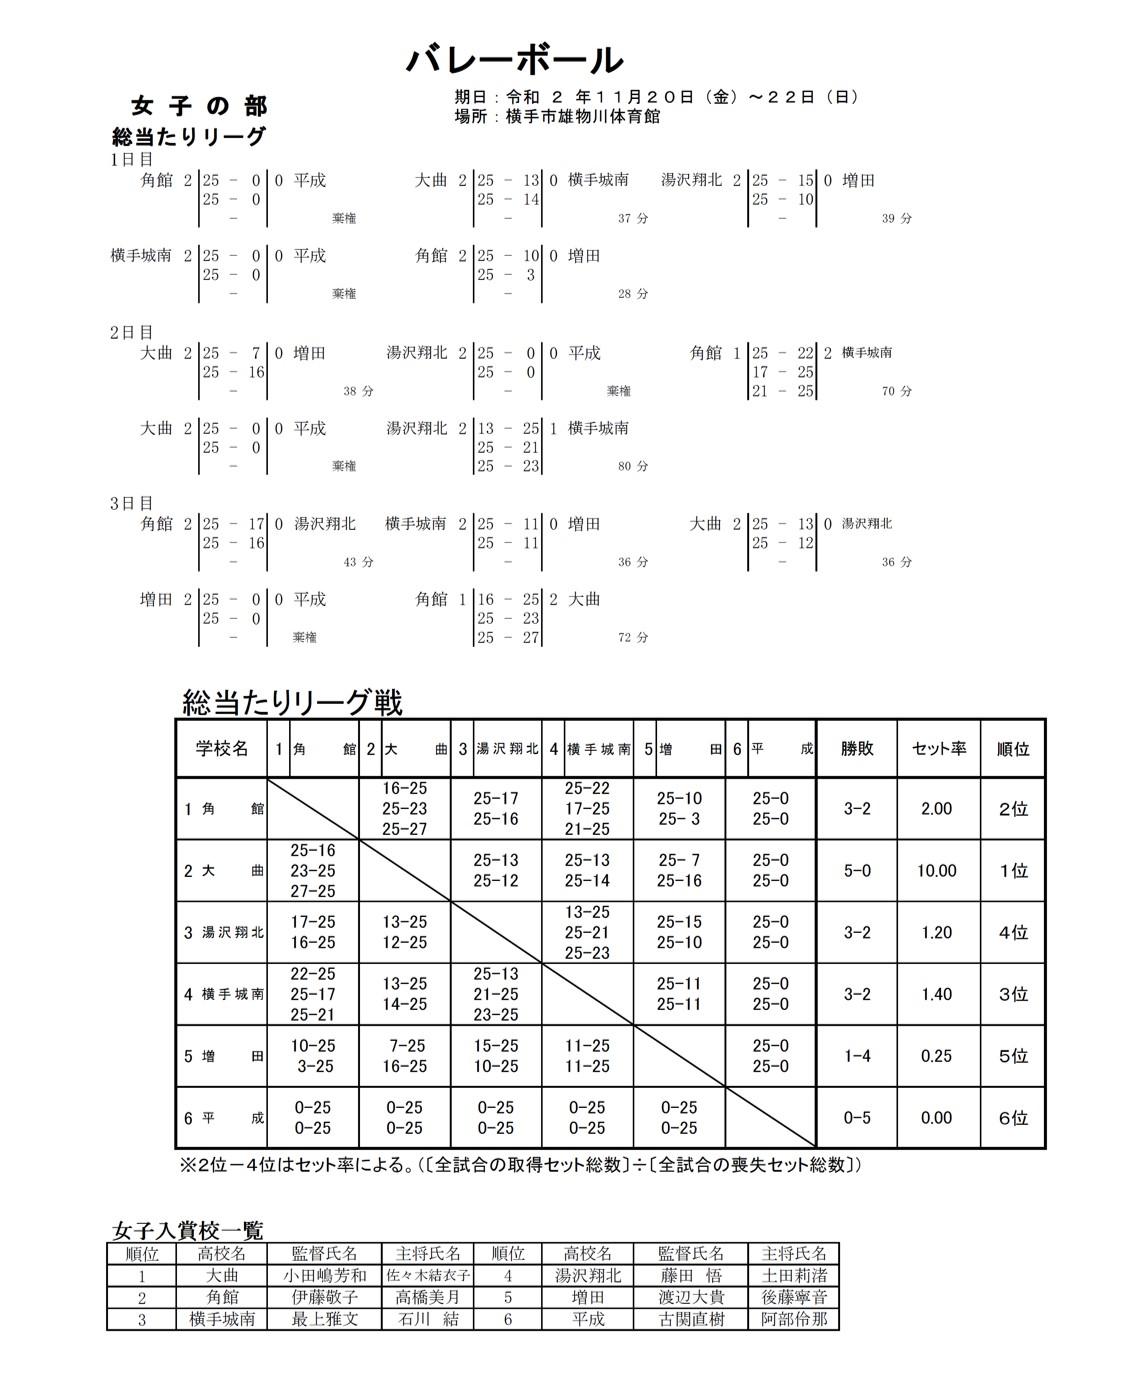 2020年度_高校新人大会_秋田_県南地区_女子_最終結果